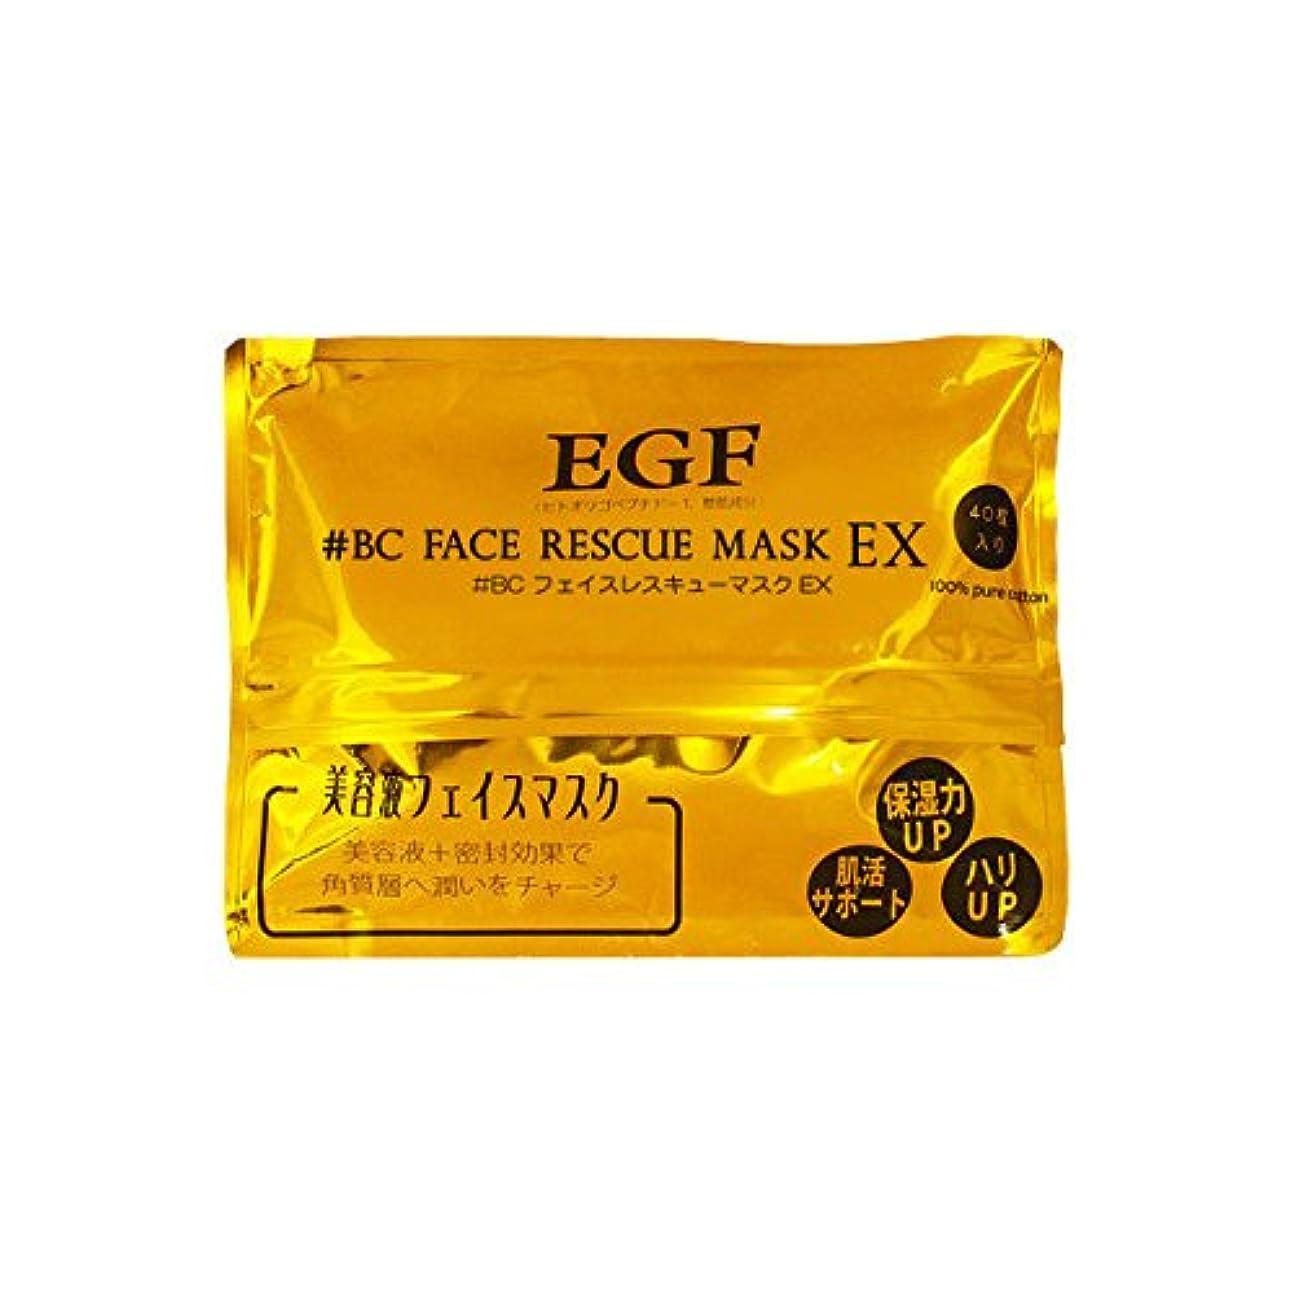 積極的にスポークスマン光EGF フェイスレスキューマスク EX 40枚入り